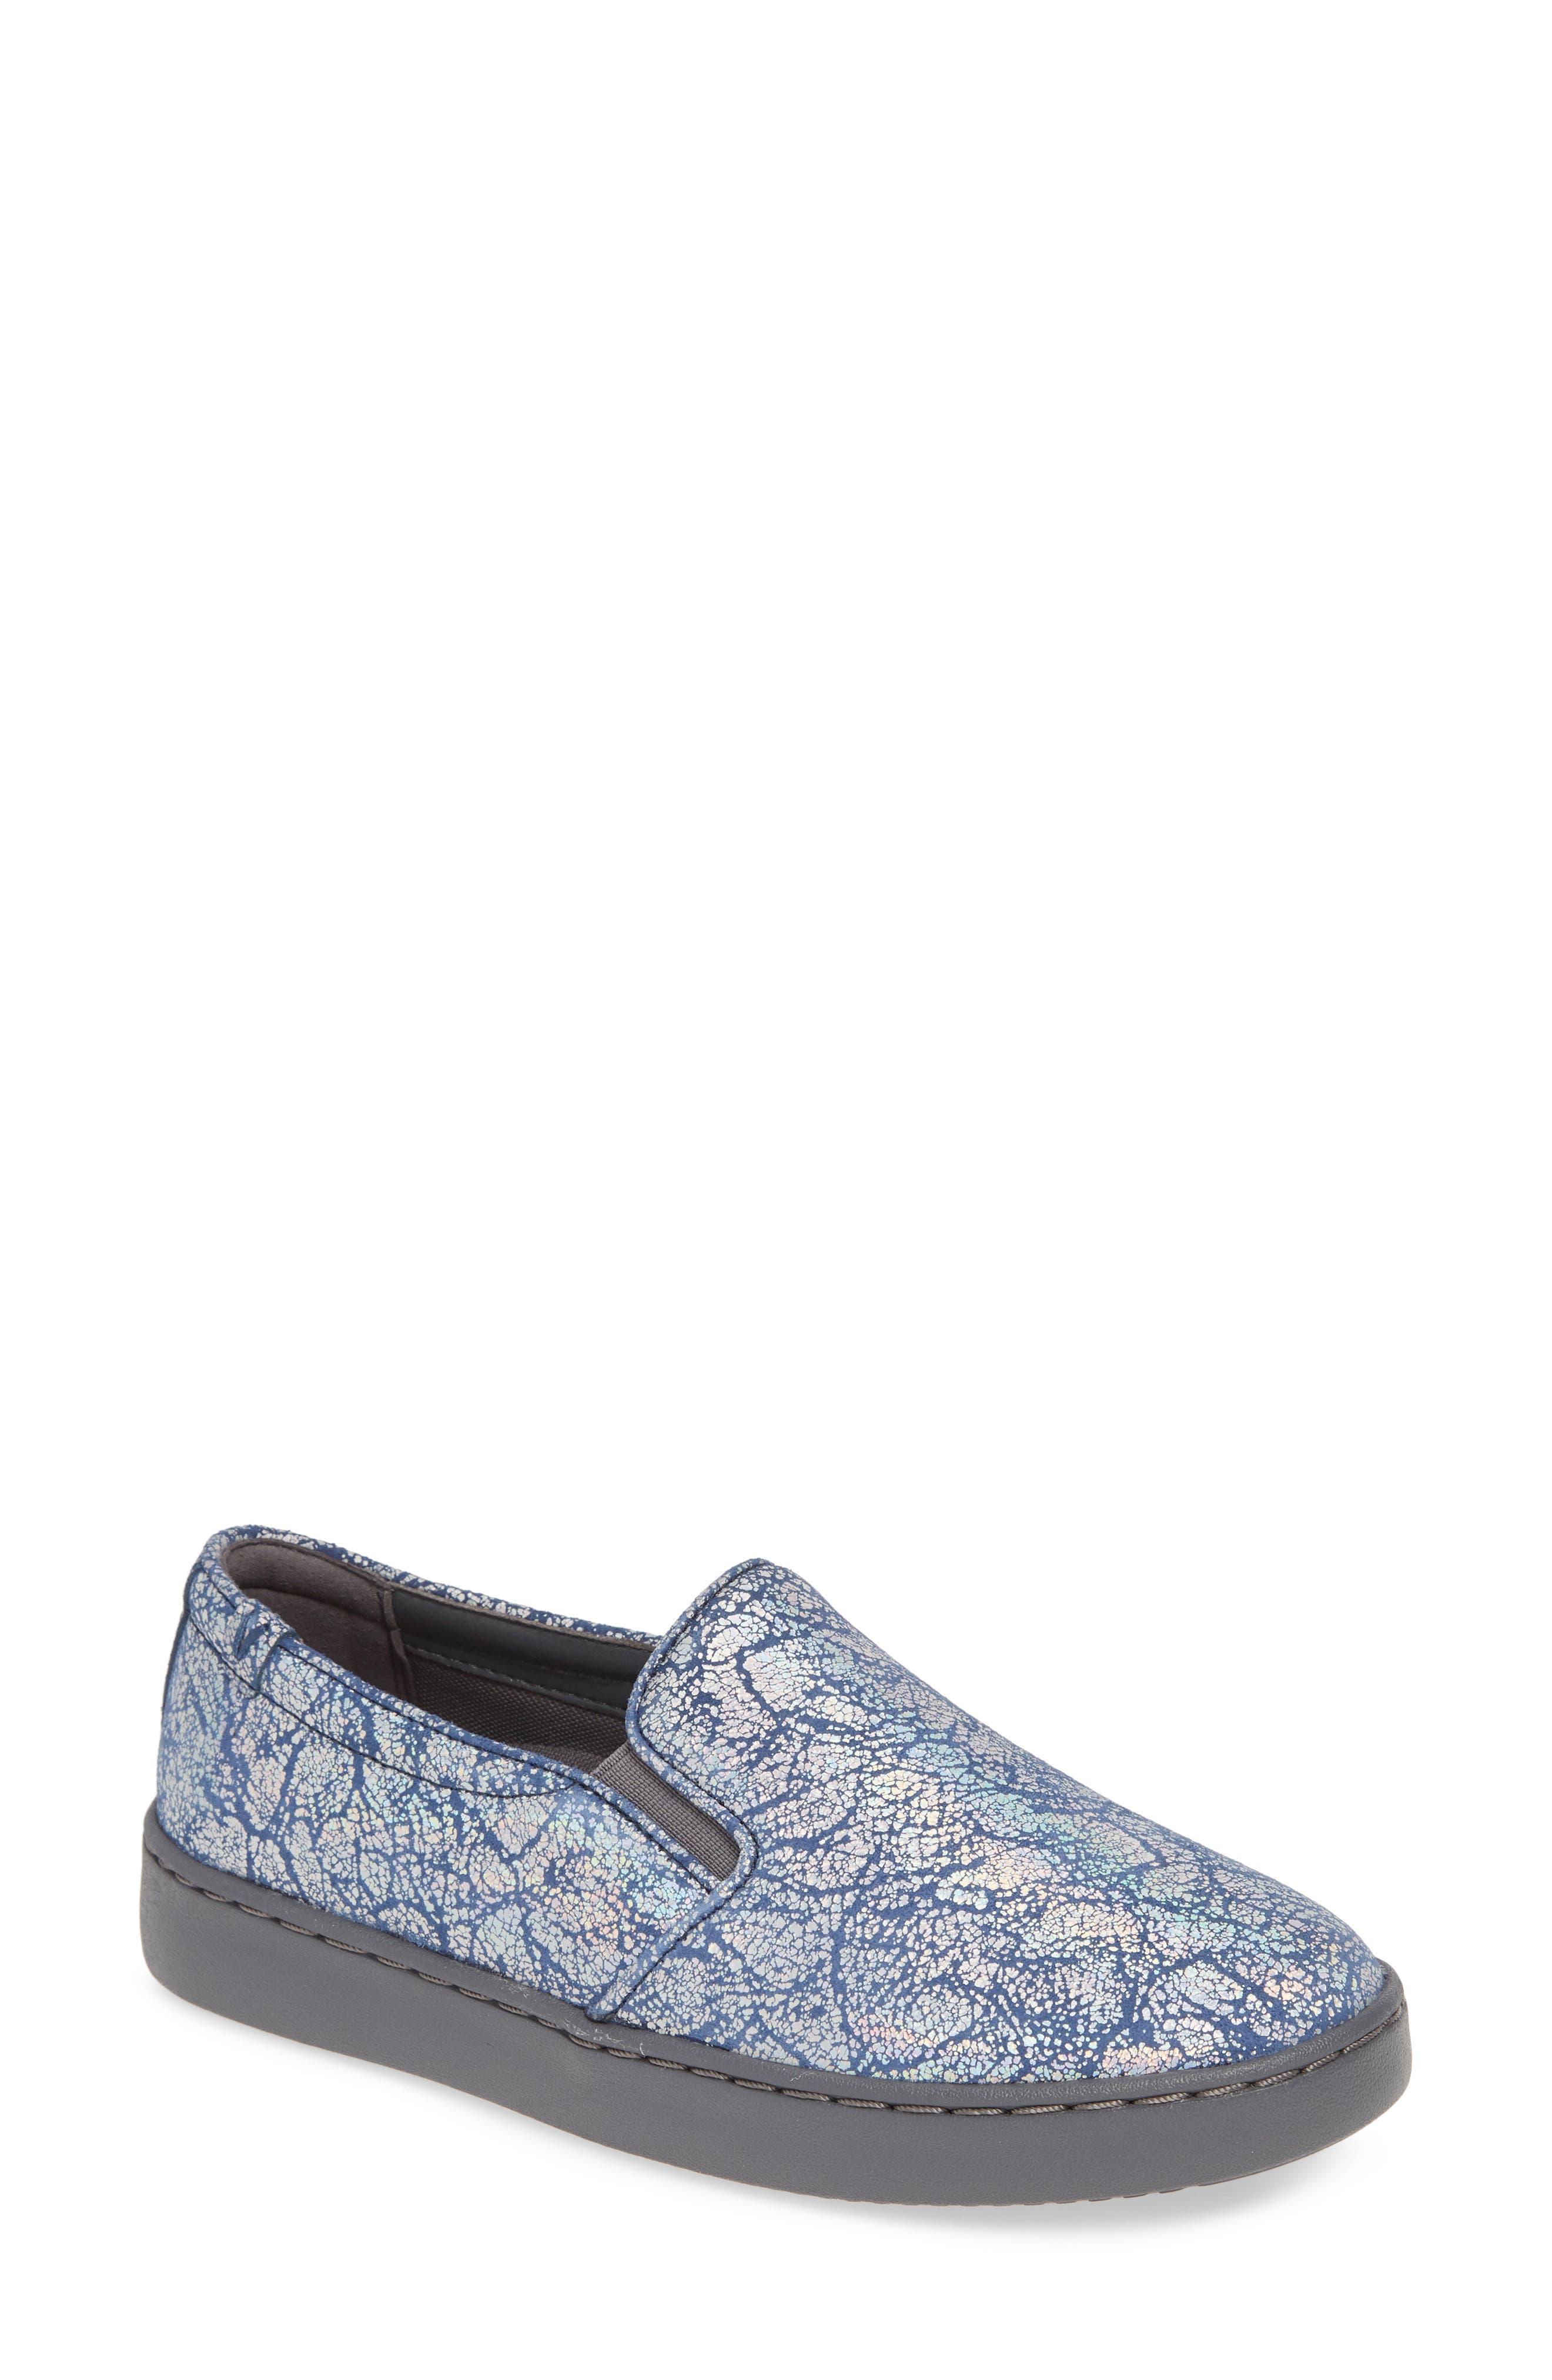 Vionic Avery Sneaker- Blue